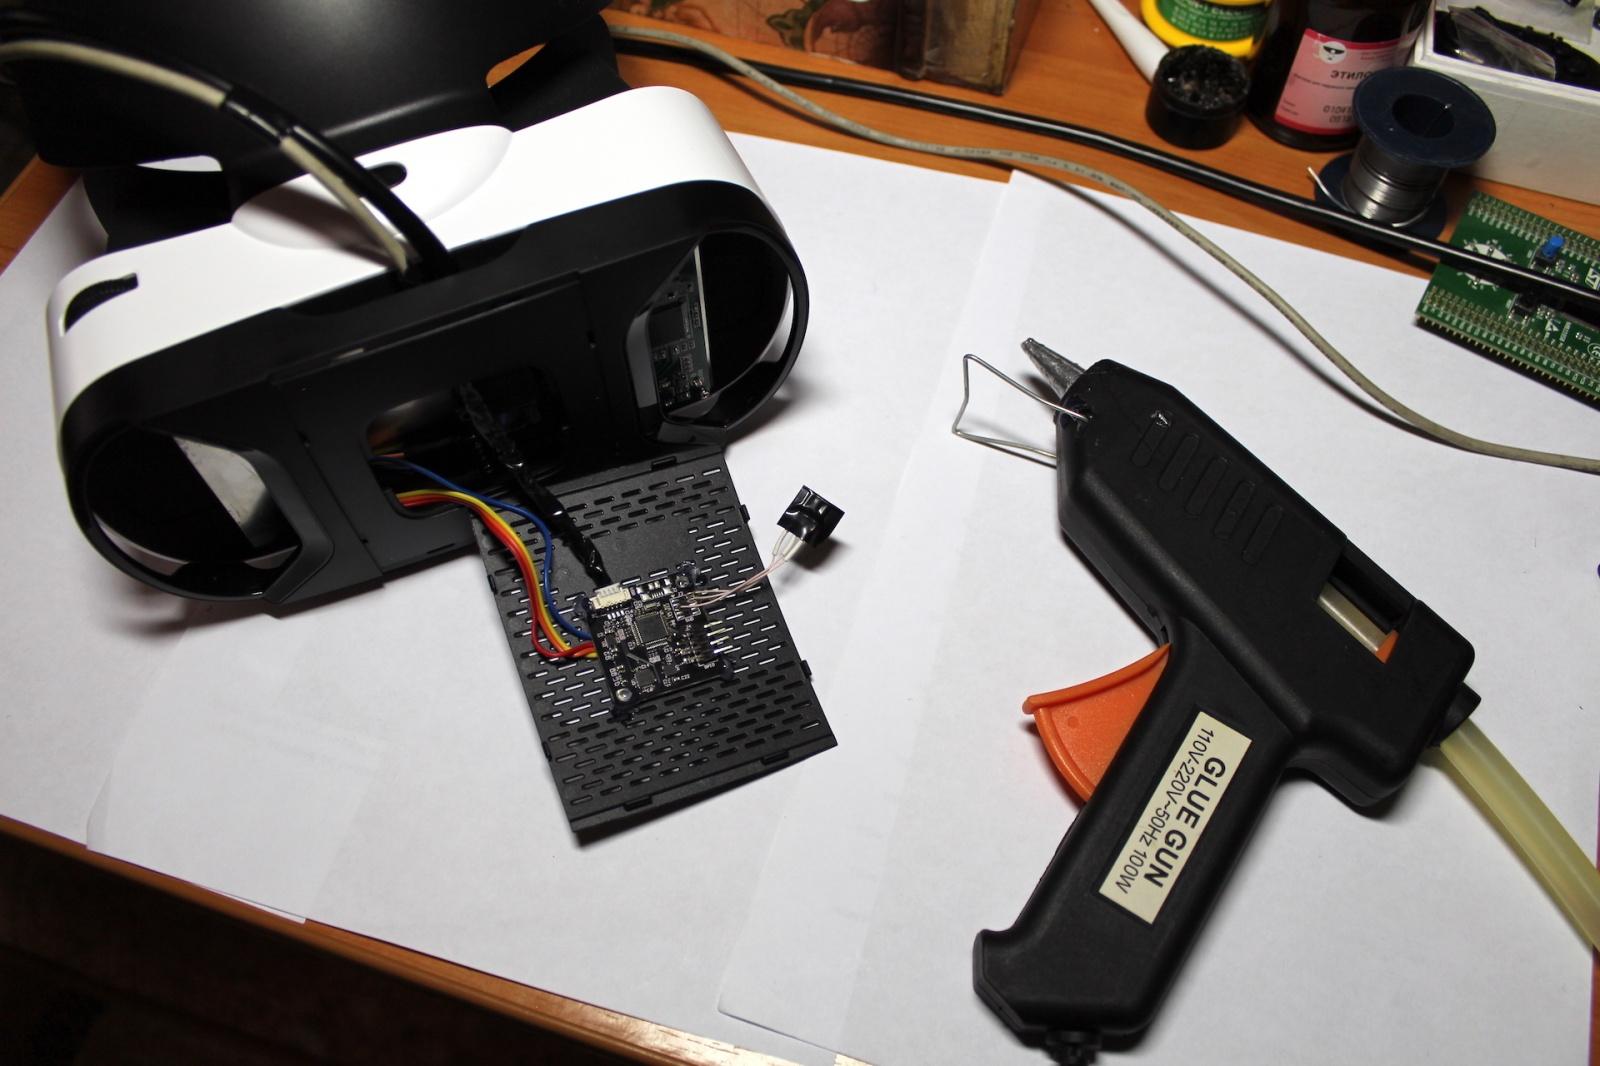 Как сделать шлем виртуальной реальности своими руками - 10